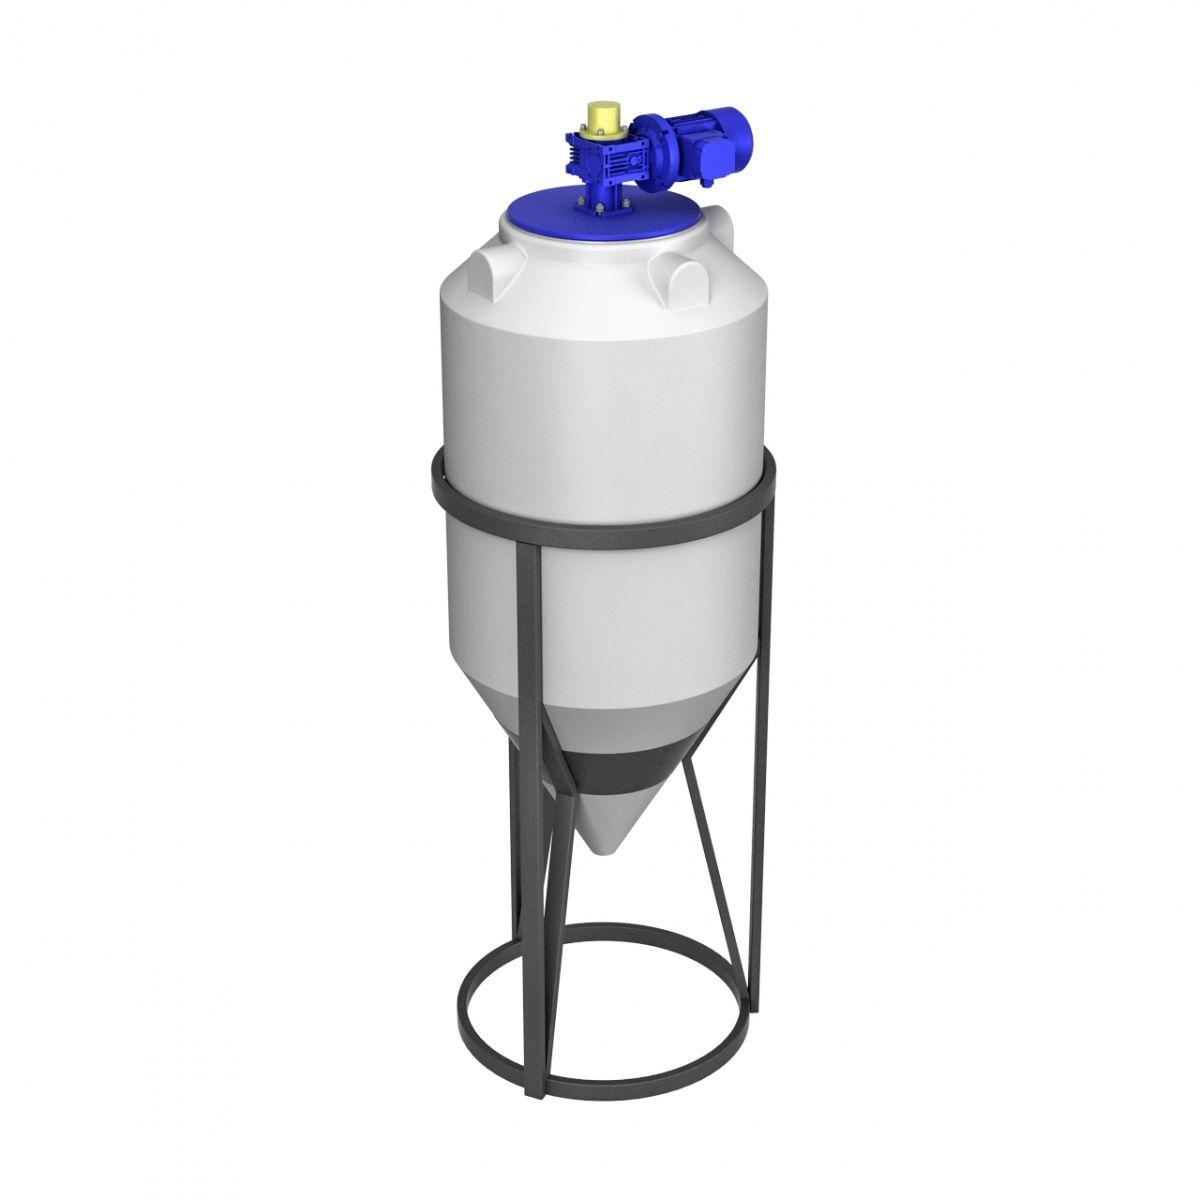 Емкость конусная 240 литров ФМ с пищевой лопастной мешалкой